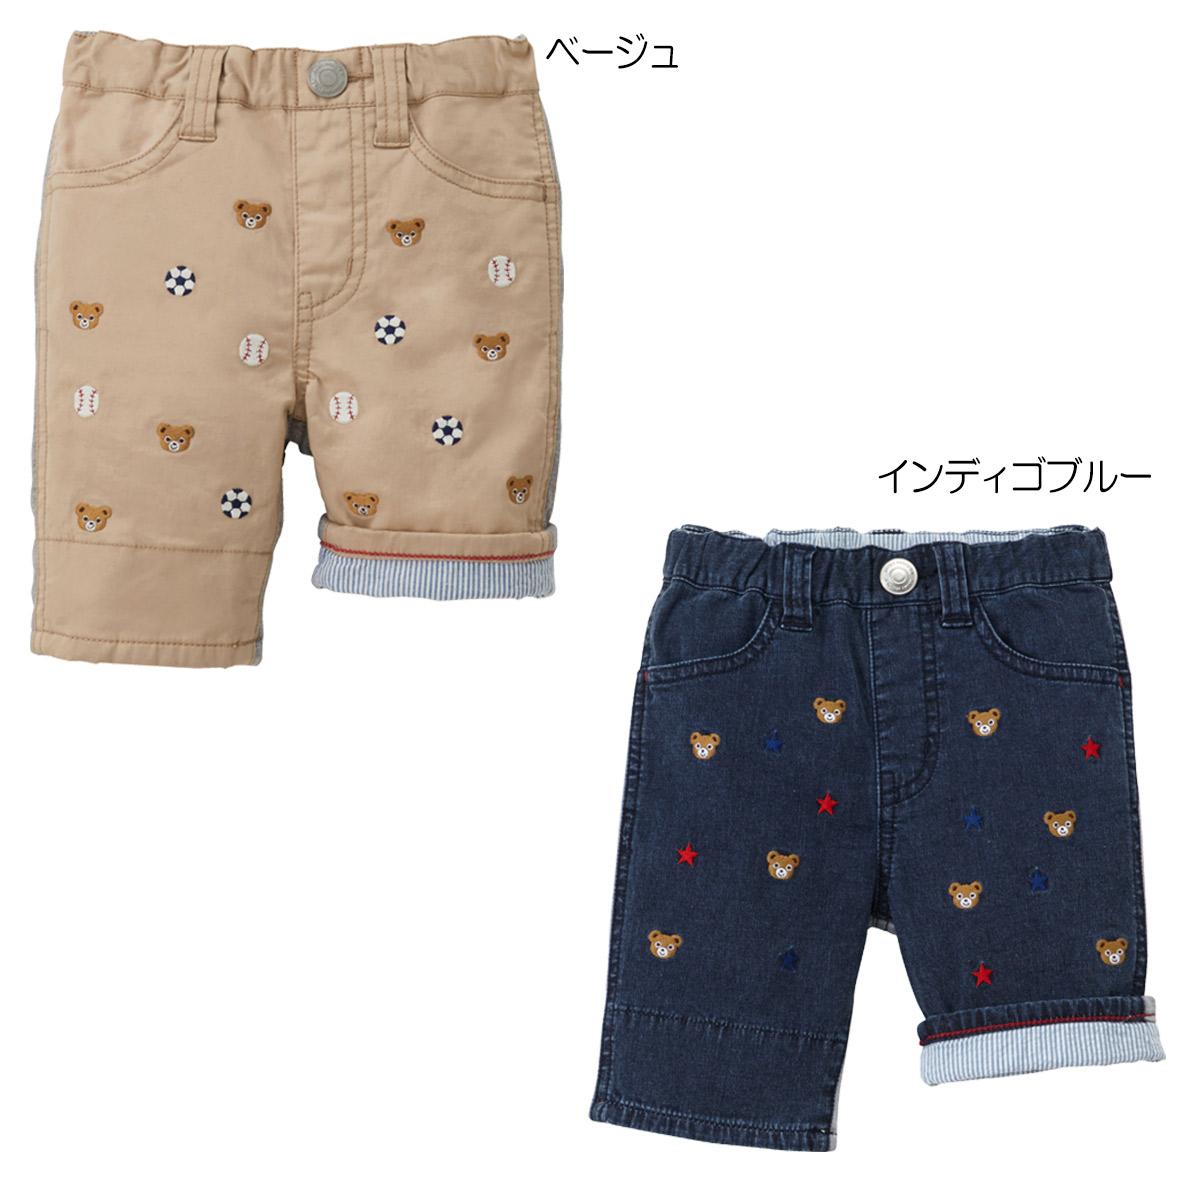 ミキハウス mikihouse プチプッチー7分丈パンツ(80cm・90cm・100cm)